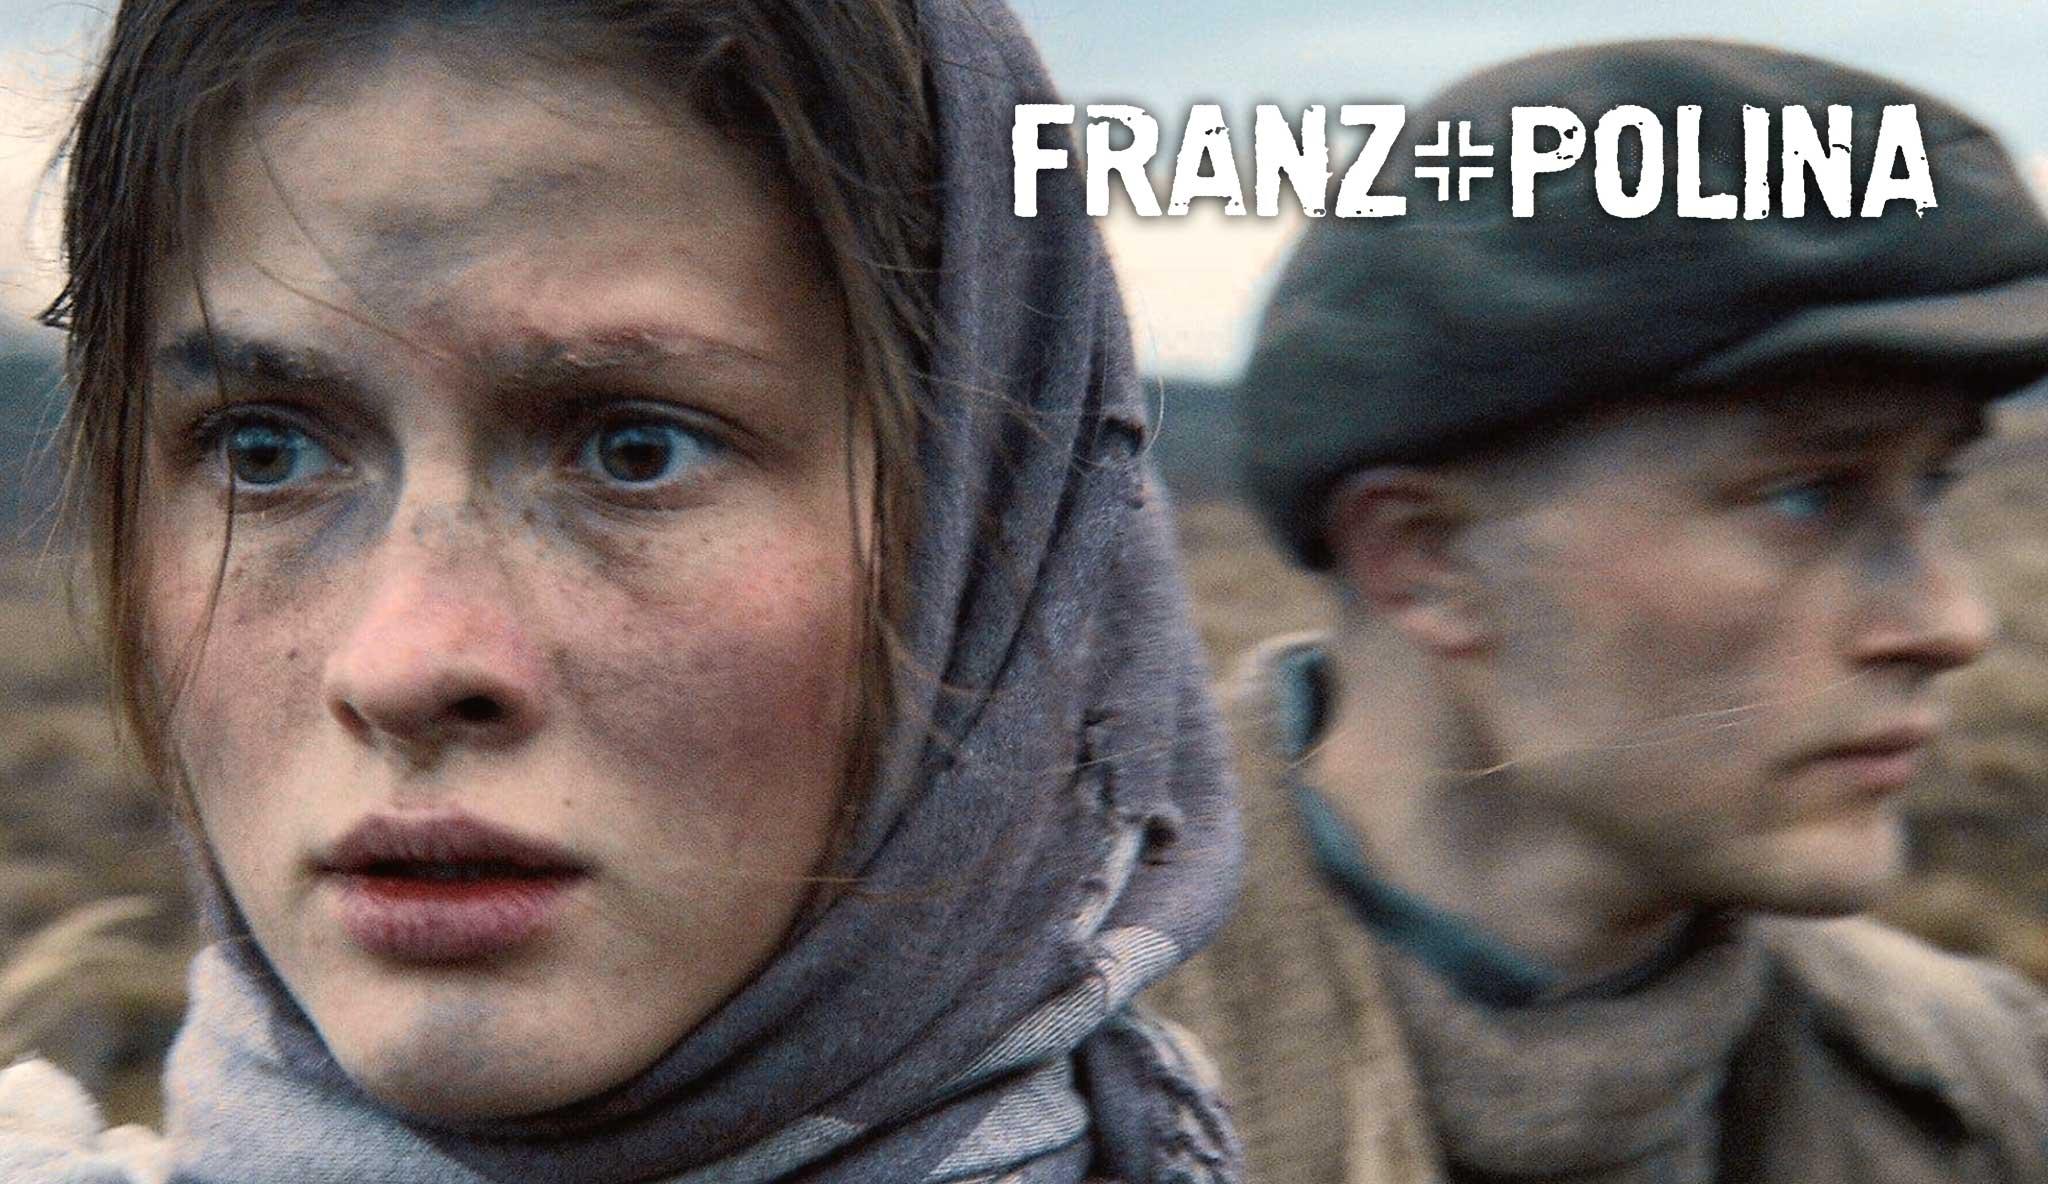 franz-polina\header.jpg